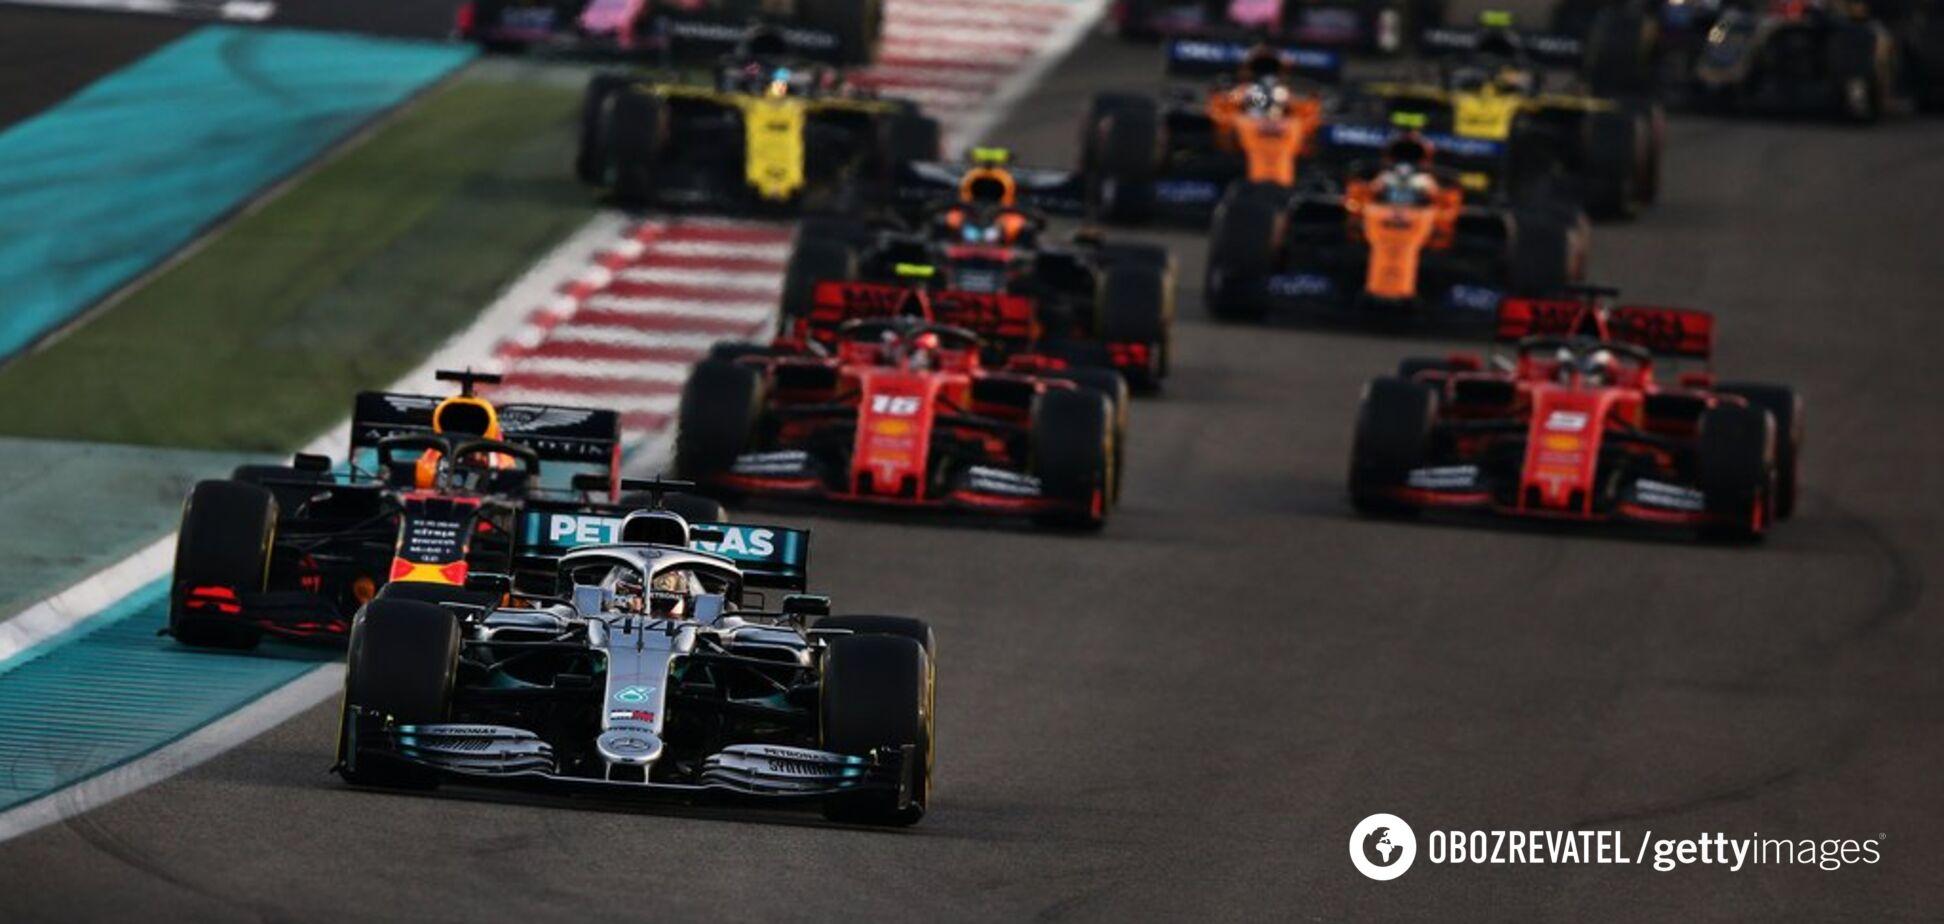 В Формуле-1 состоялась последняя гонка сезона